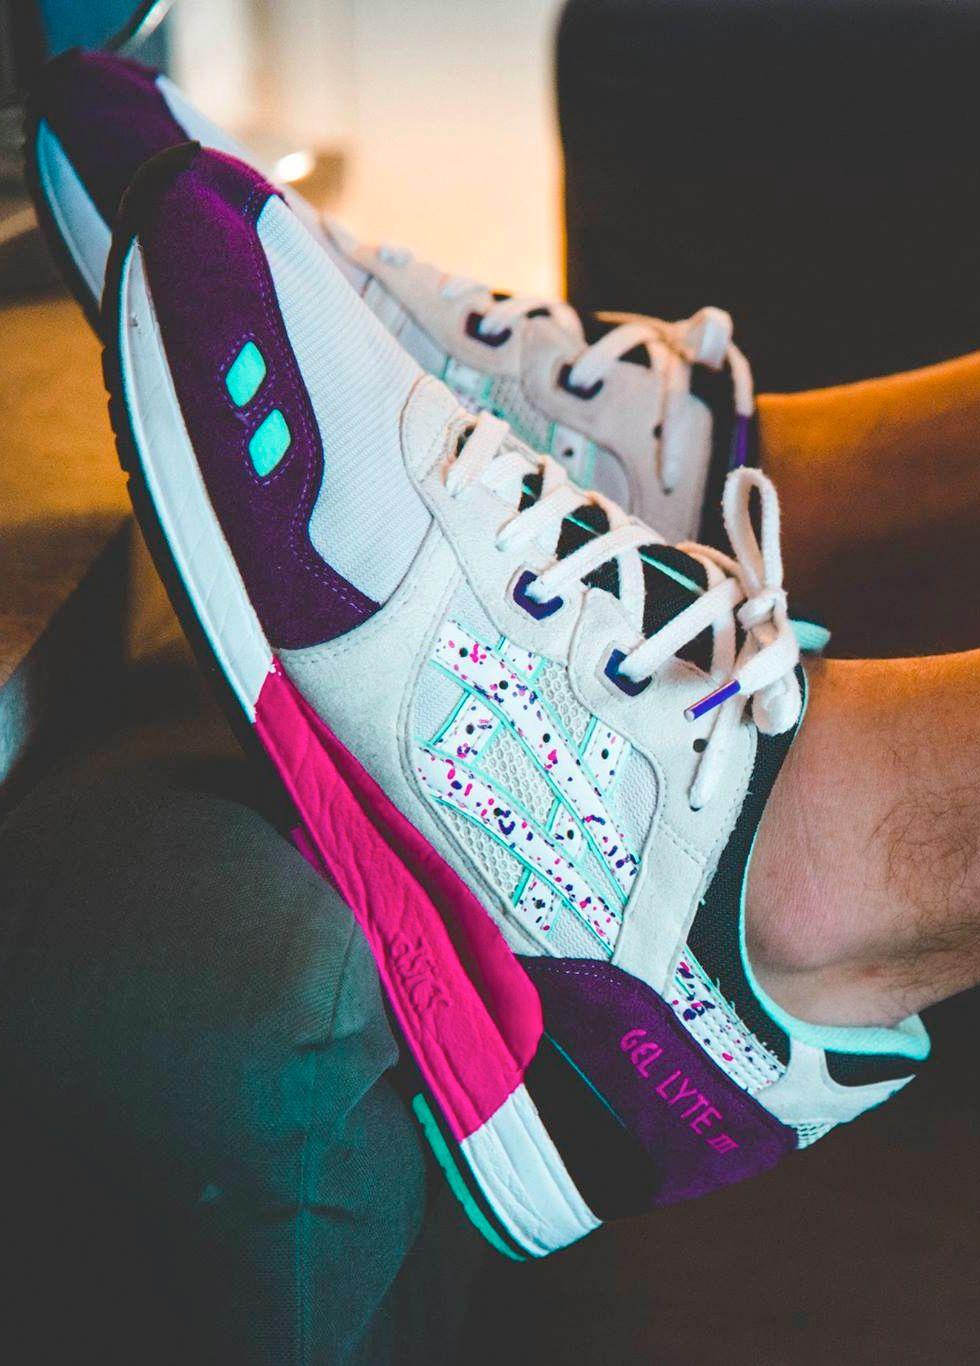 newest 13258 277ed Asics Gel Lyte III x Colette x La MJC   Sneakers   Asics gel ...